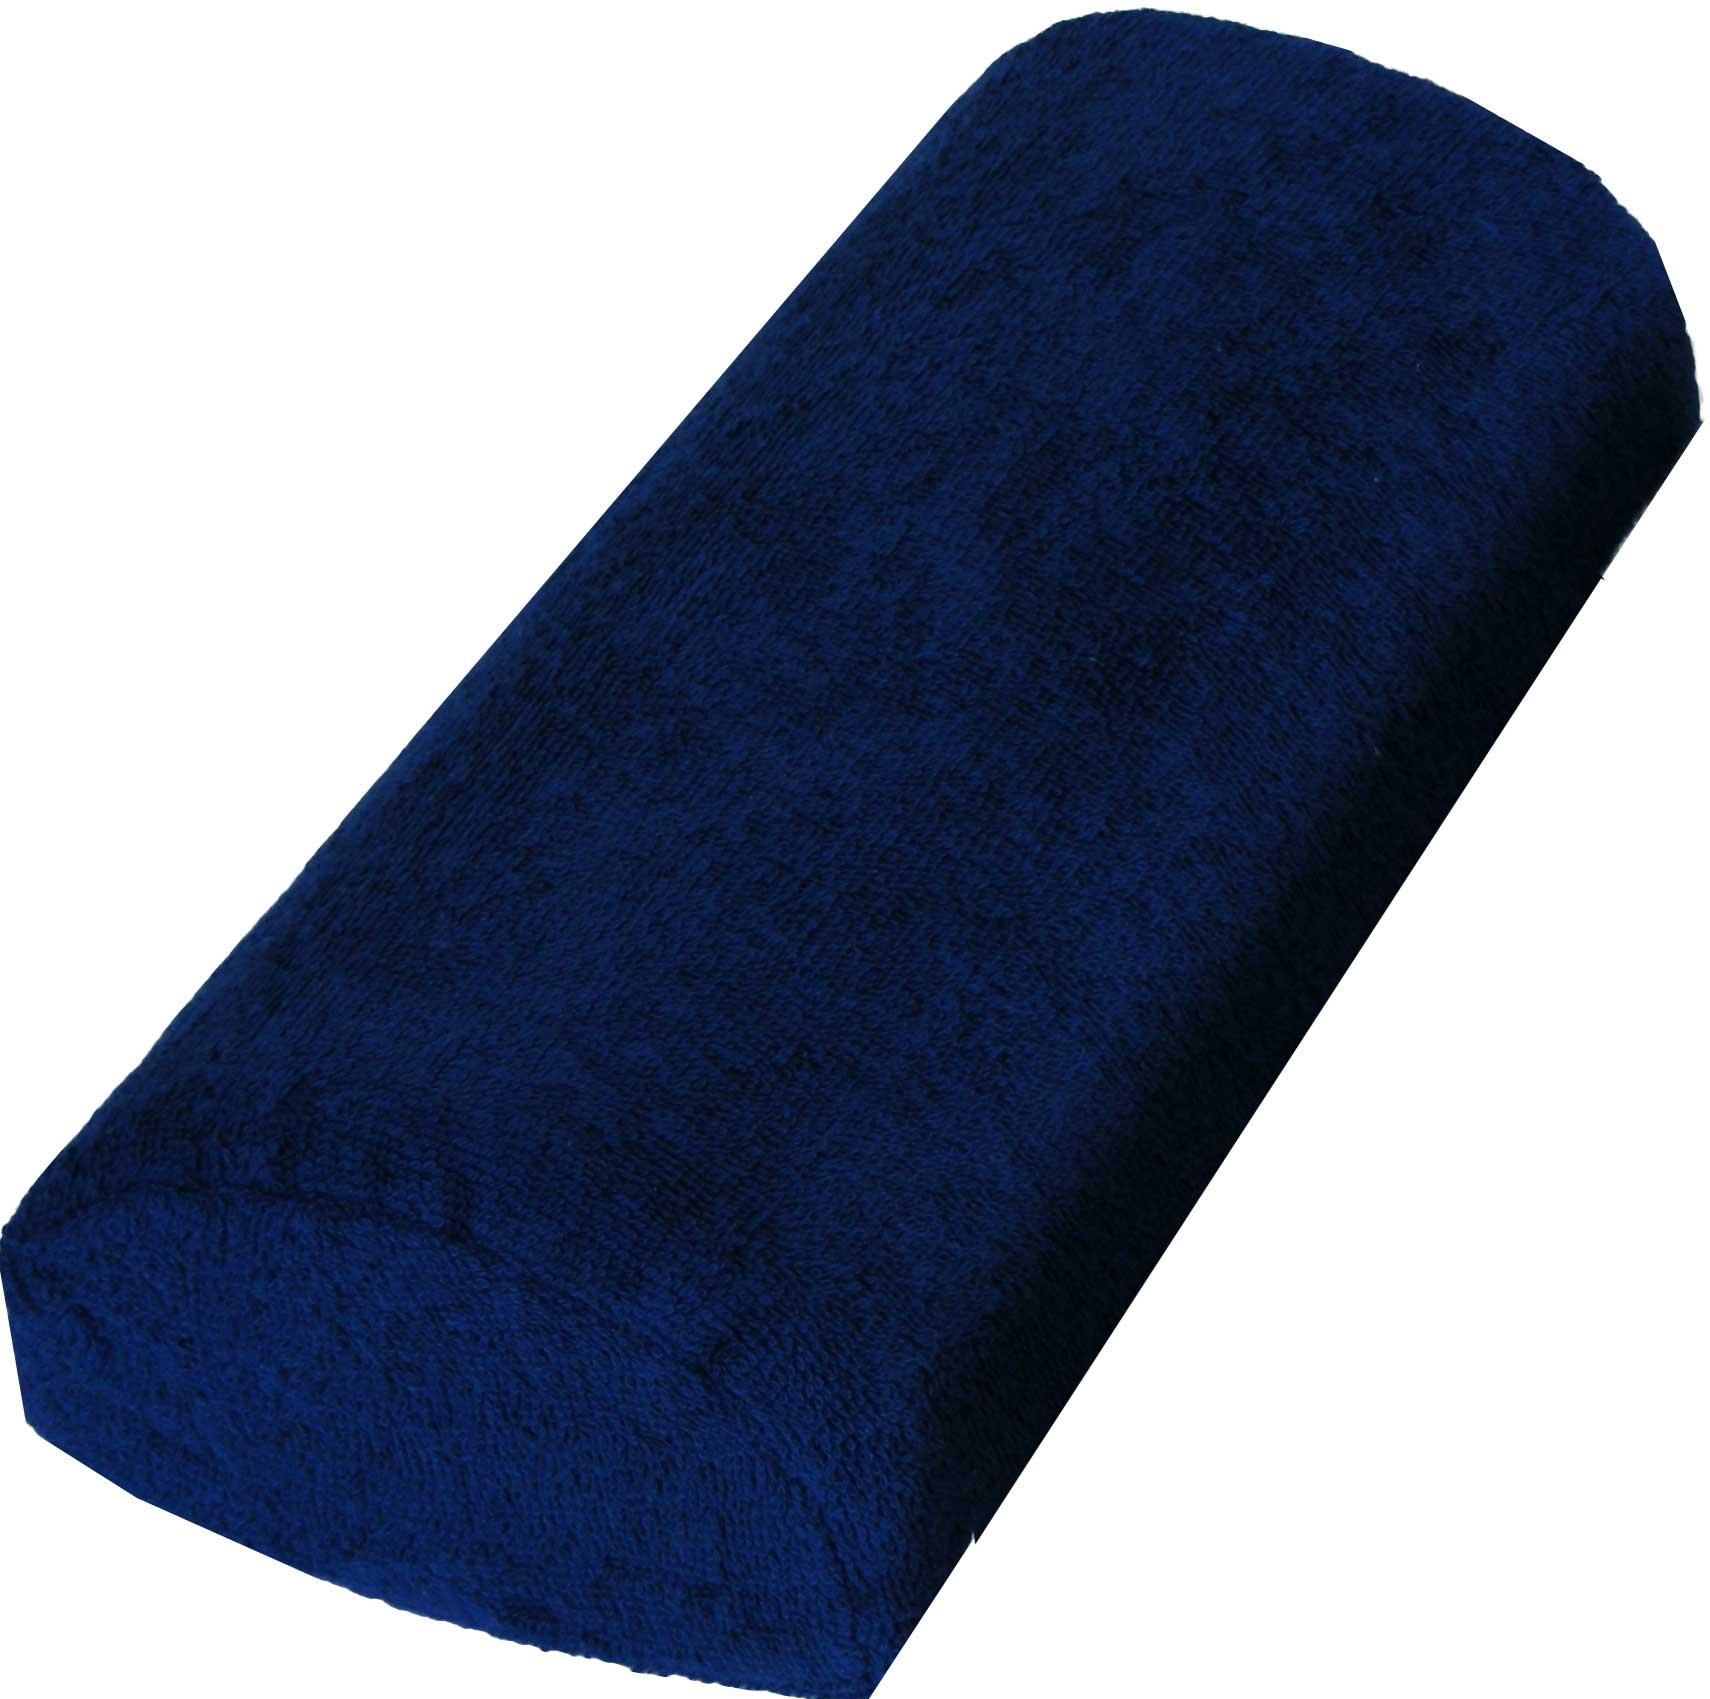 Handauflage Frottee dunkelblau waschbar